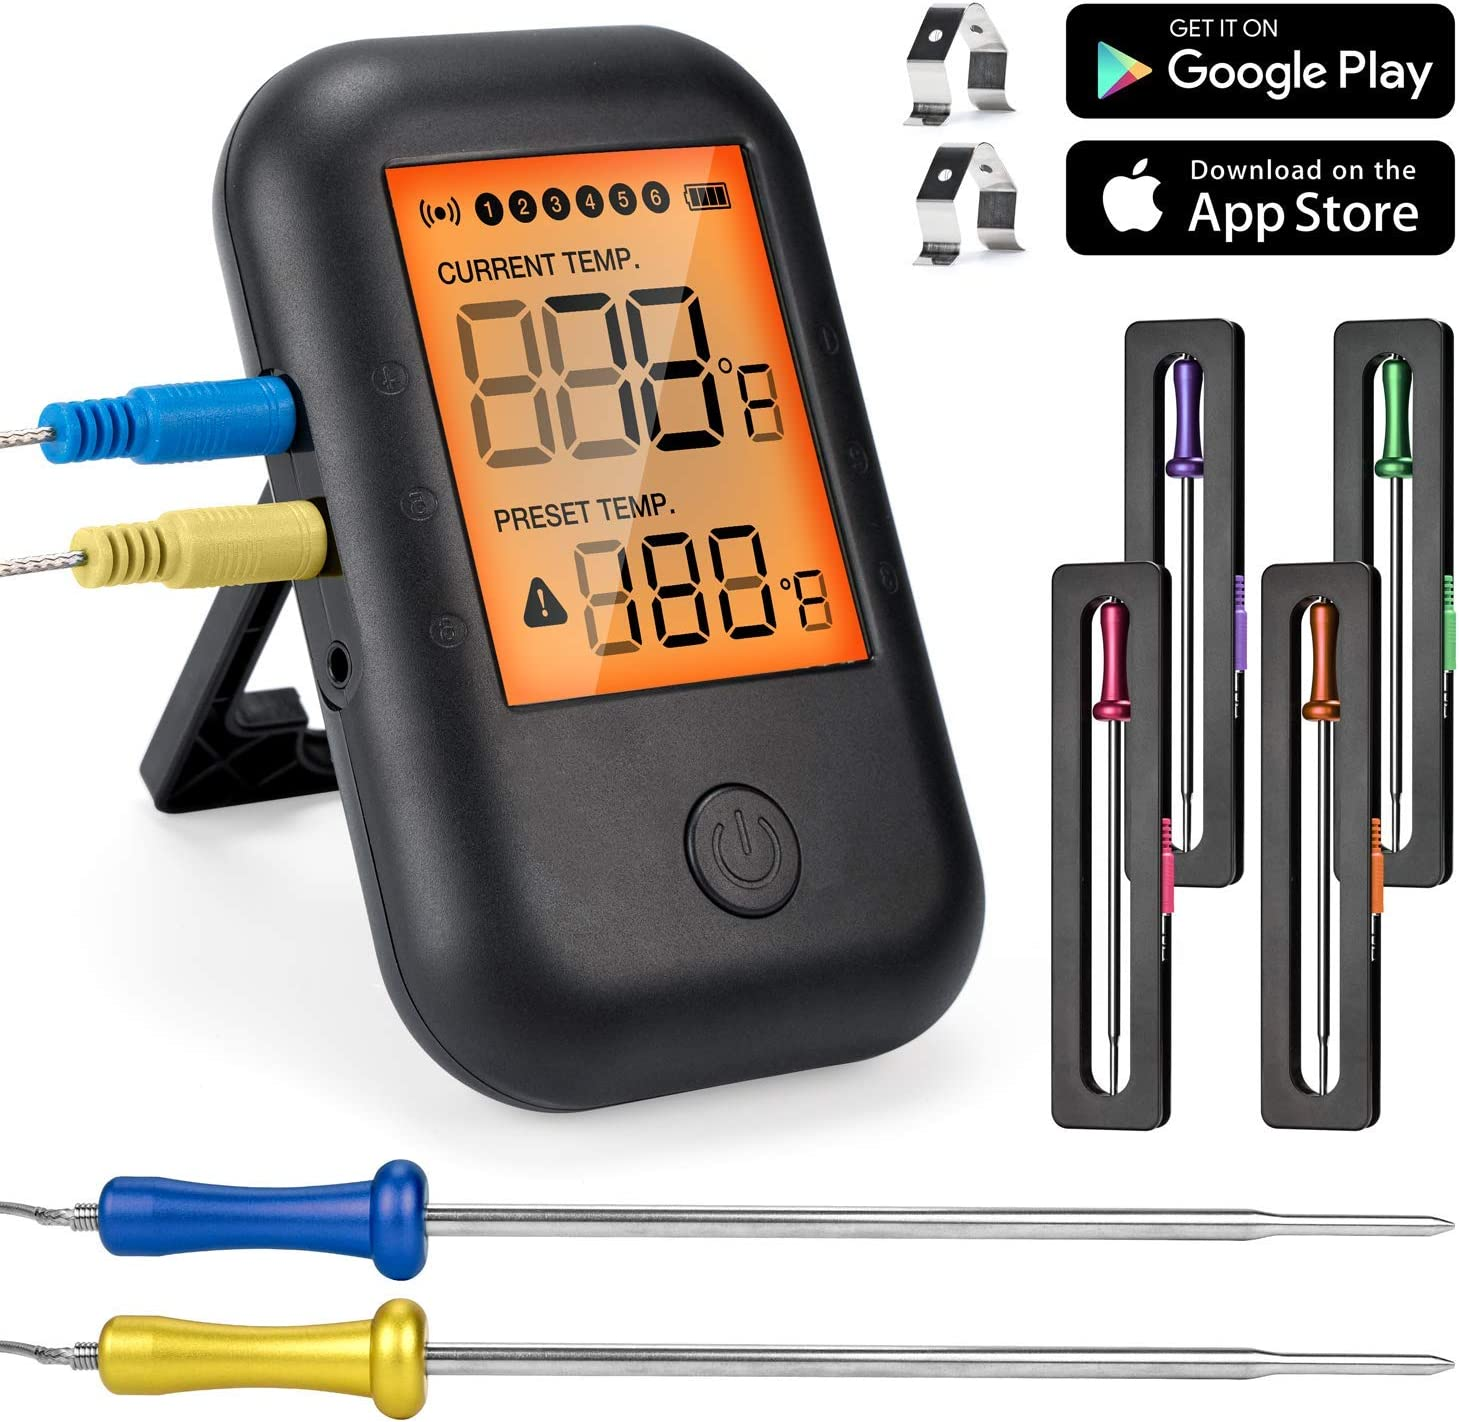 Termómetro de Carne Digital, MUSCCCM Termómetro de Cocción Bluetooth 5.0 con 6 sondas y Pantalla LCD para Horno, Barbacoa, Cocina, Soporte de IOS, Android